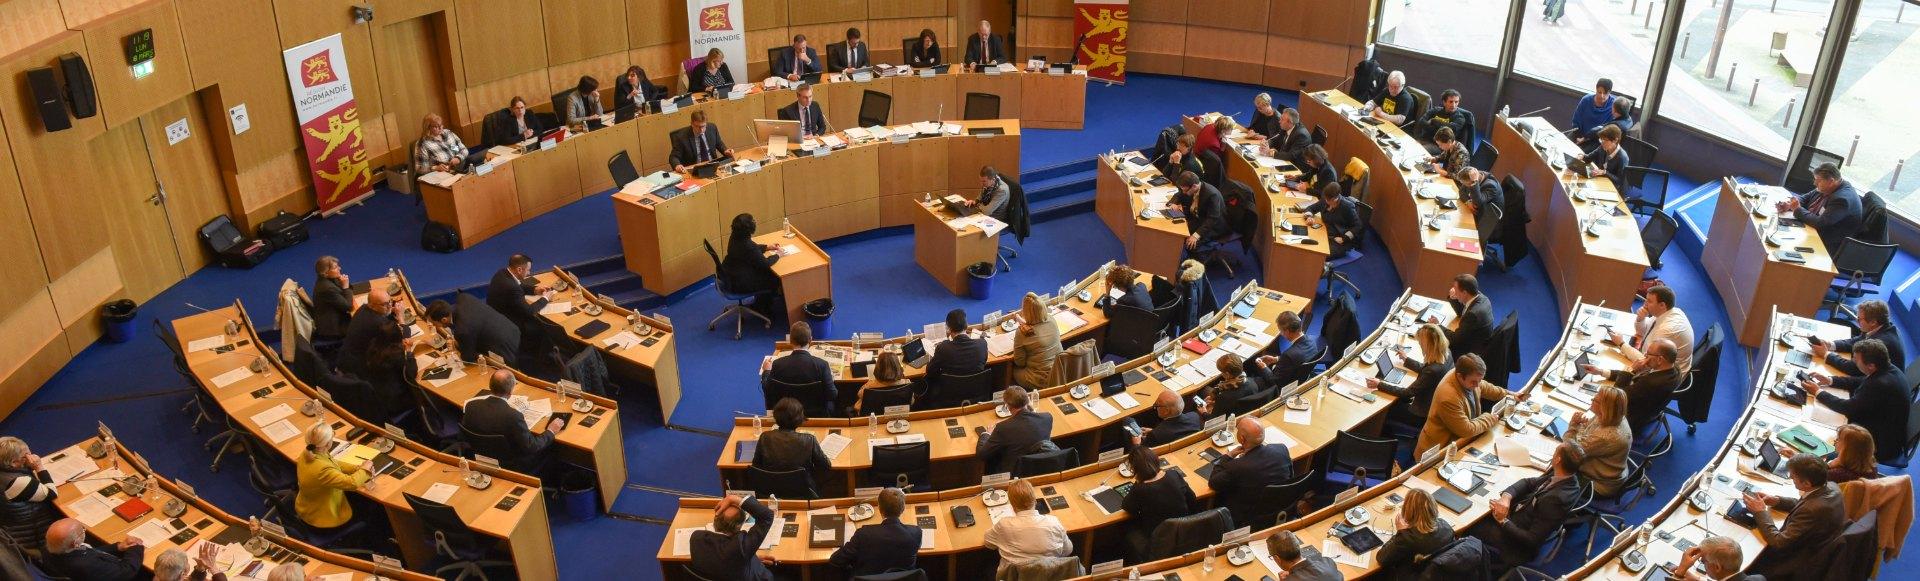 Assemblée plénière à Rouen